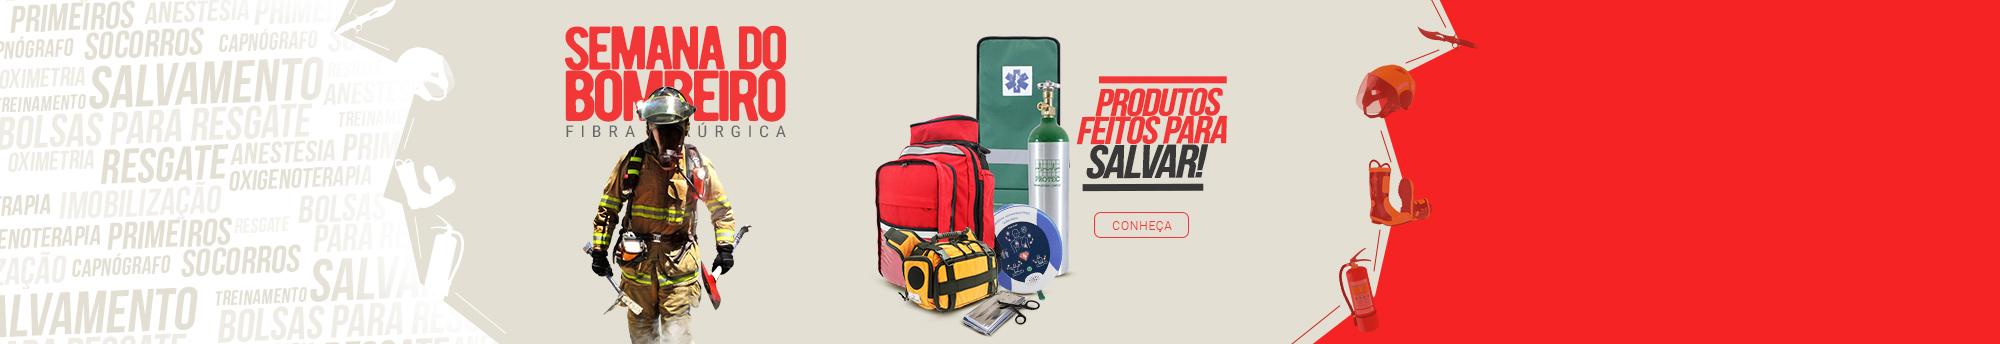 Banner Home Desktop Semana Bombeiro